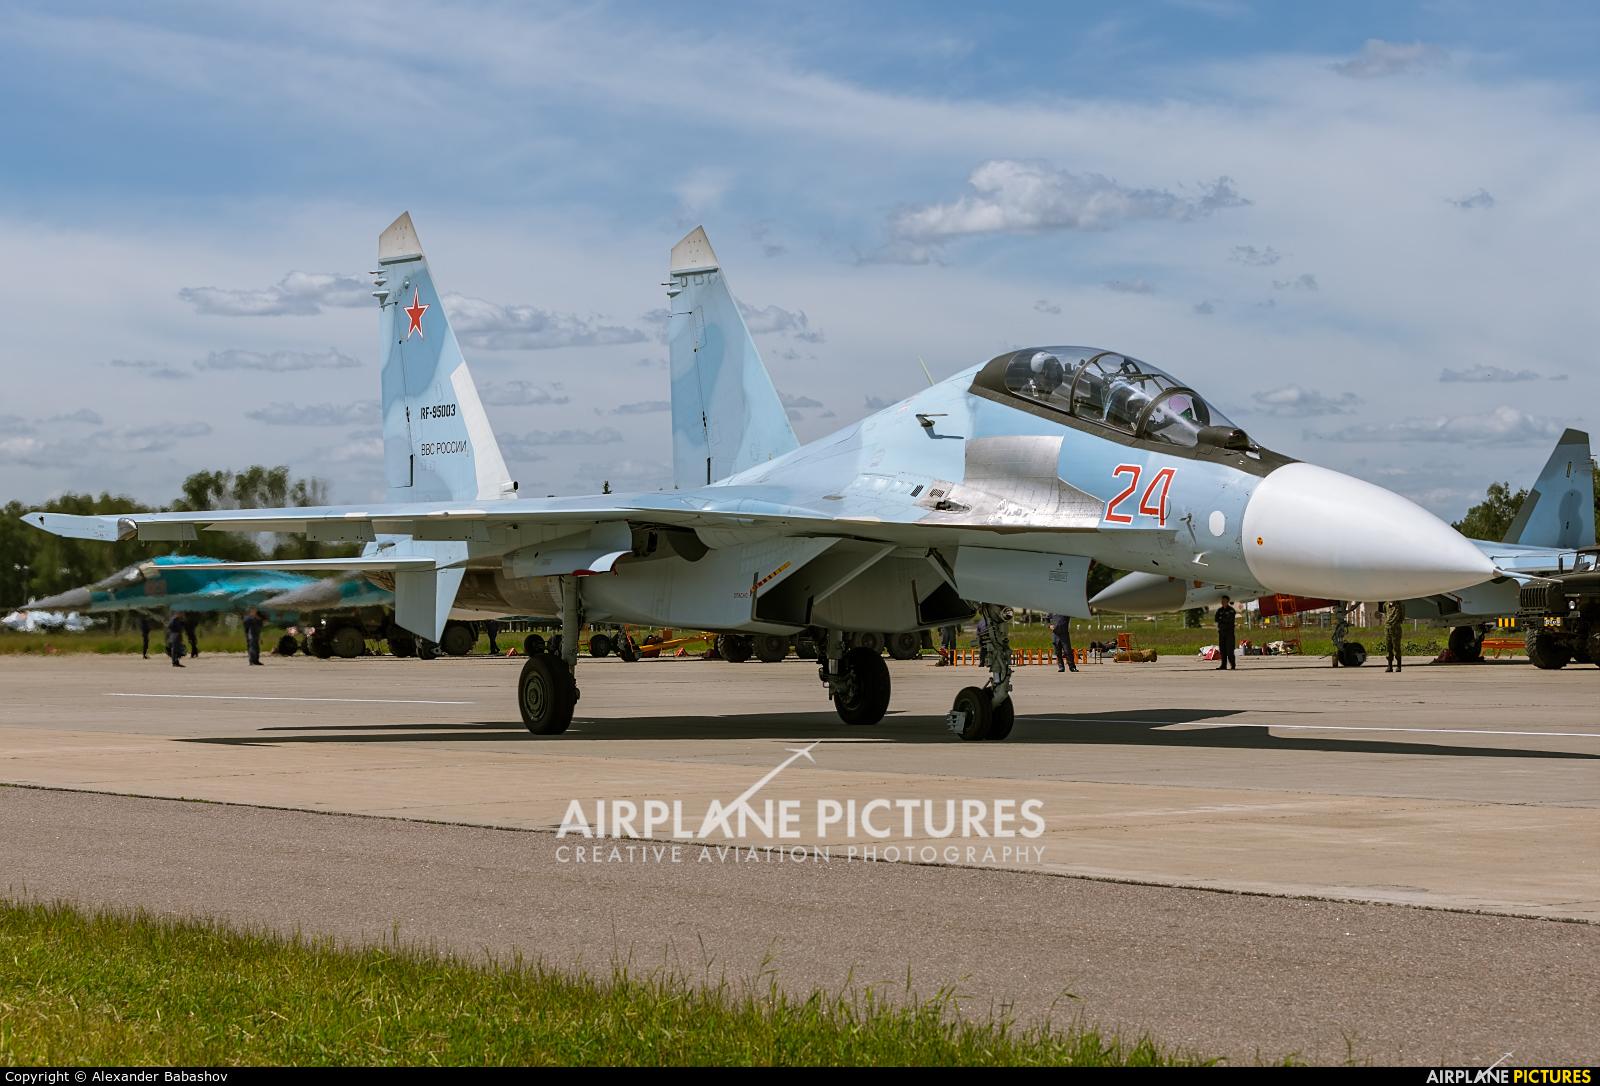 Russia - Air Force RF-95003 aircraft at Kubinka